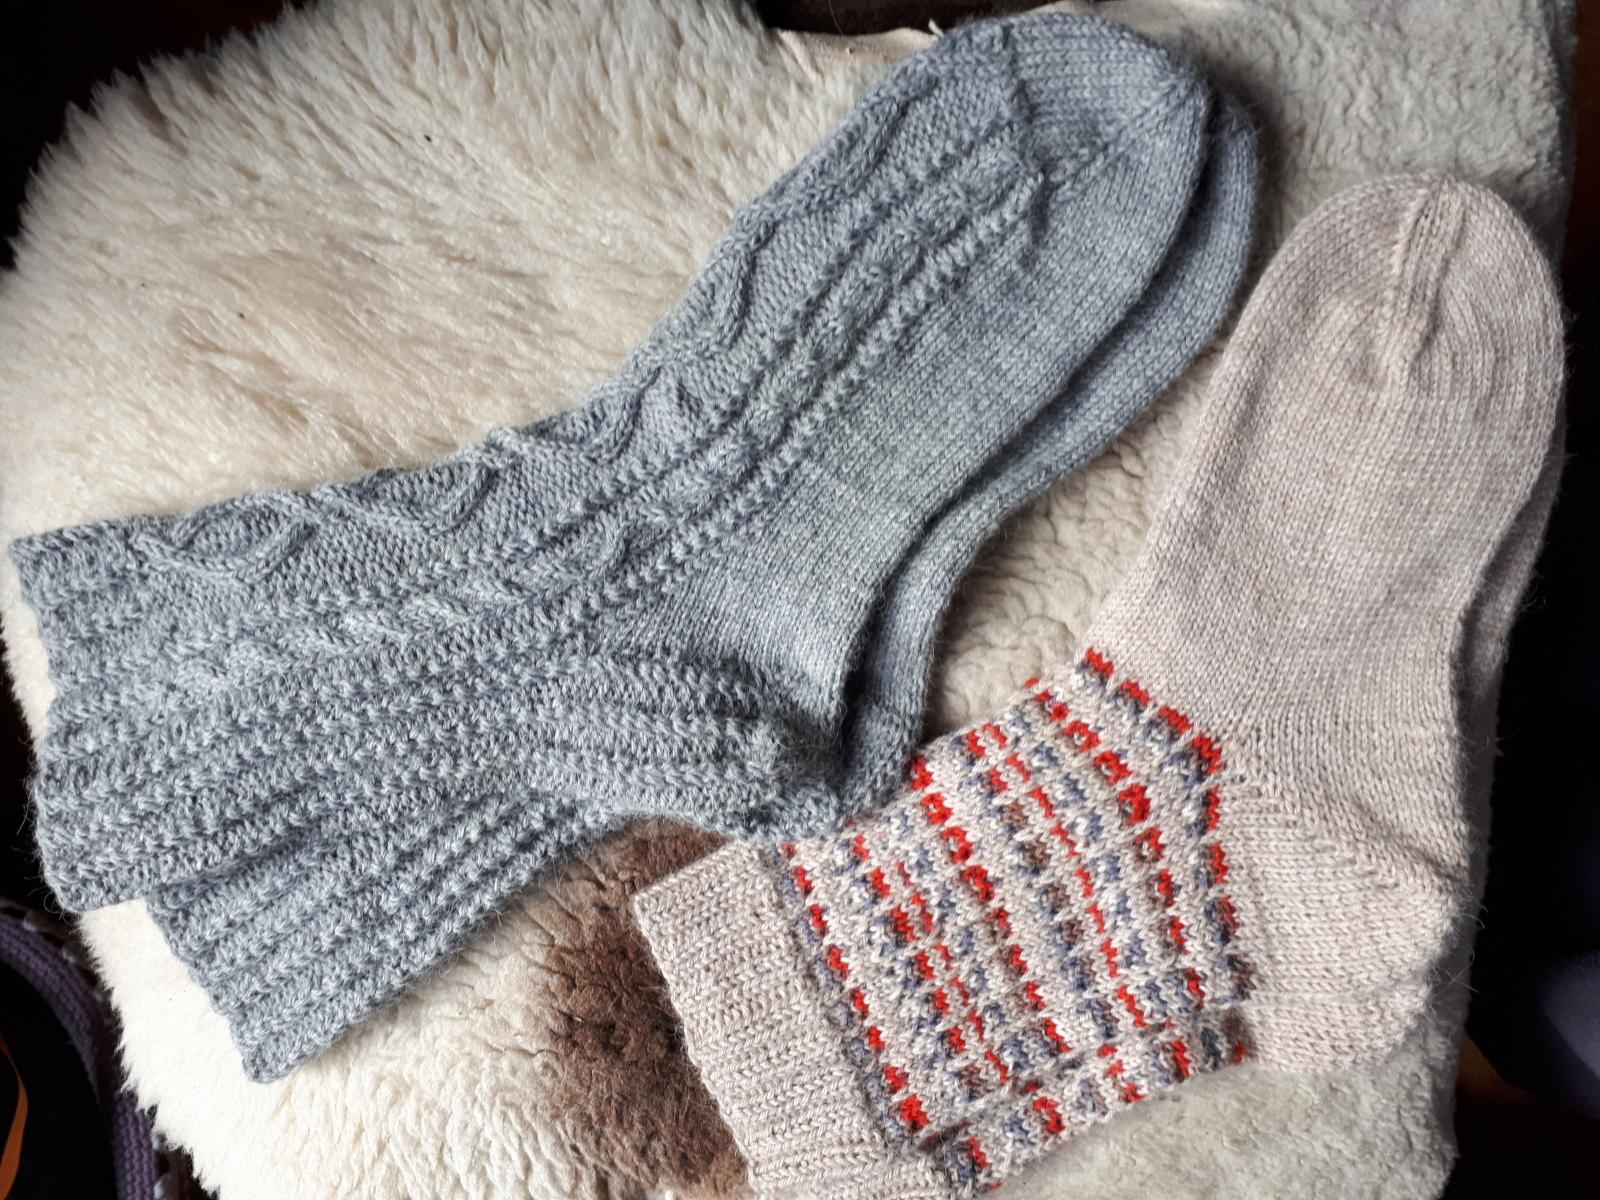 Jalad sooja 2019 Hellenurme hooldekodule - Sokid üle antud! Aitäh kõigile! 68a8hl